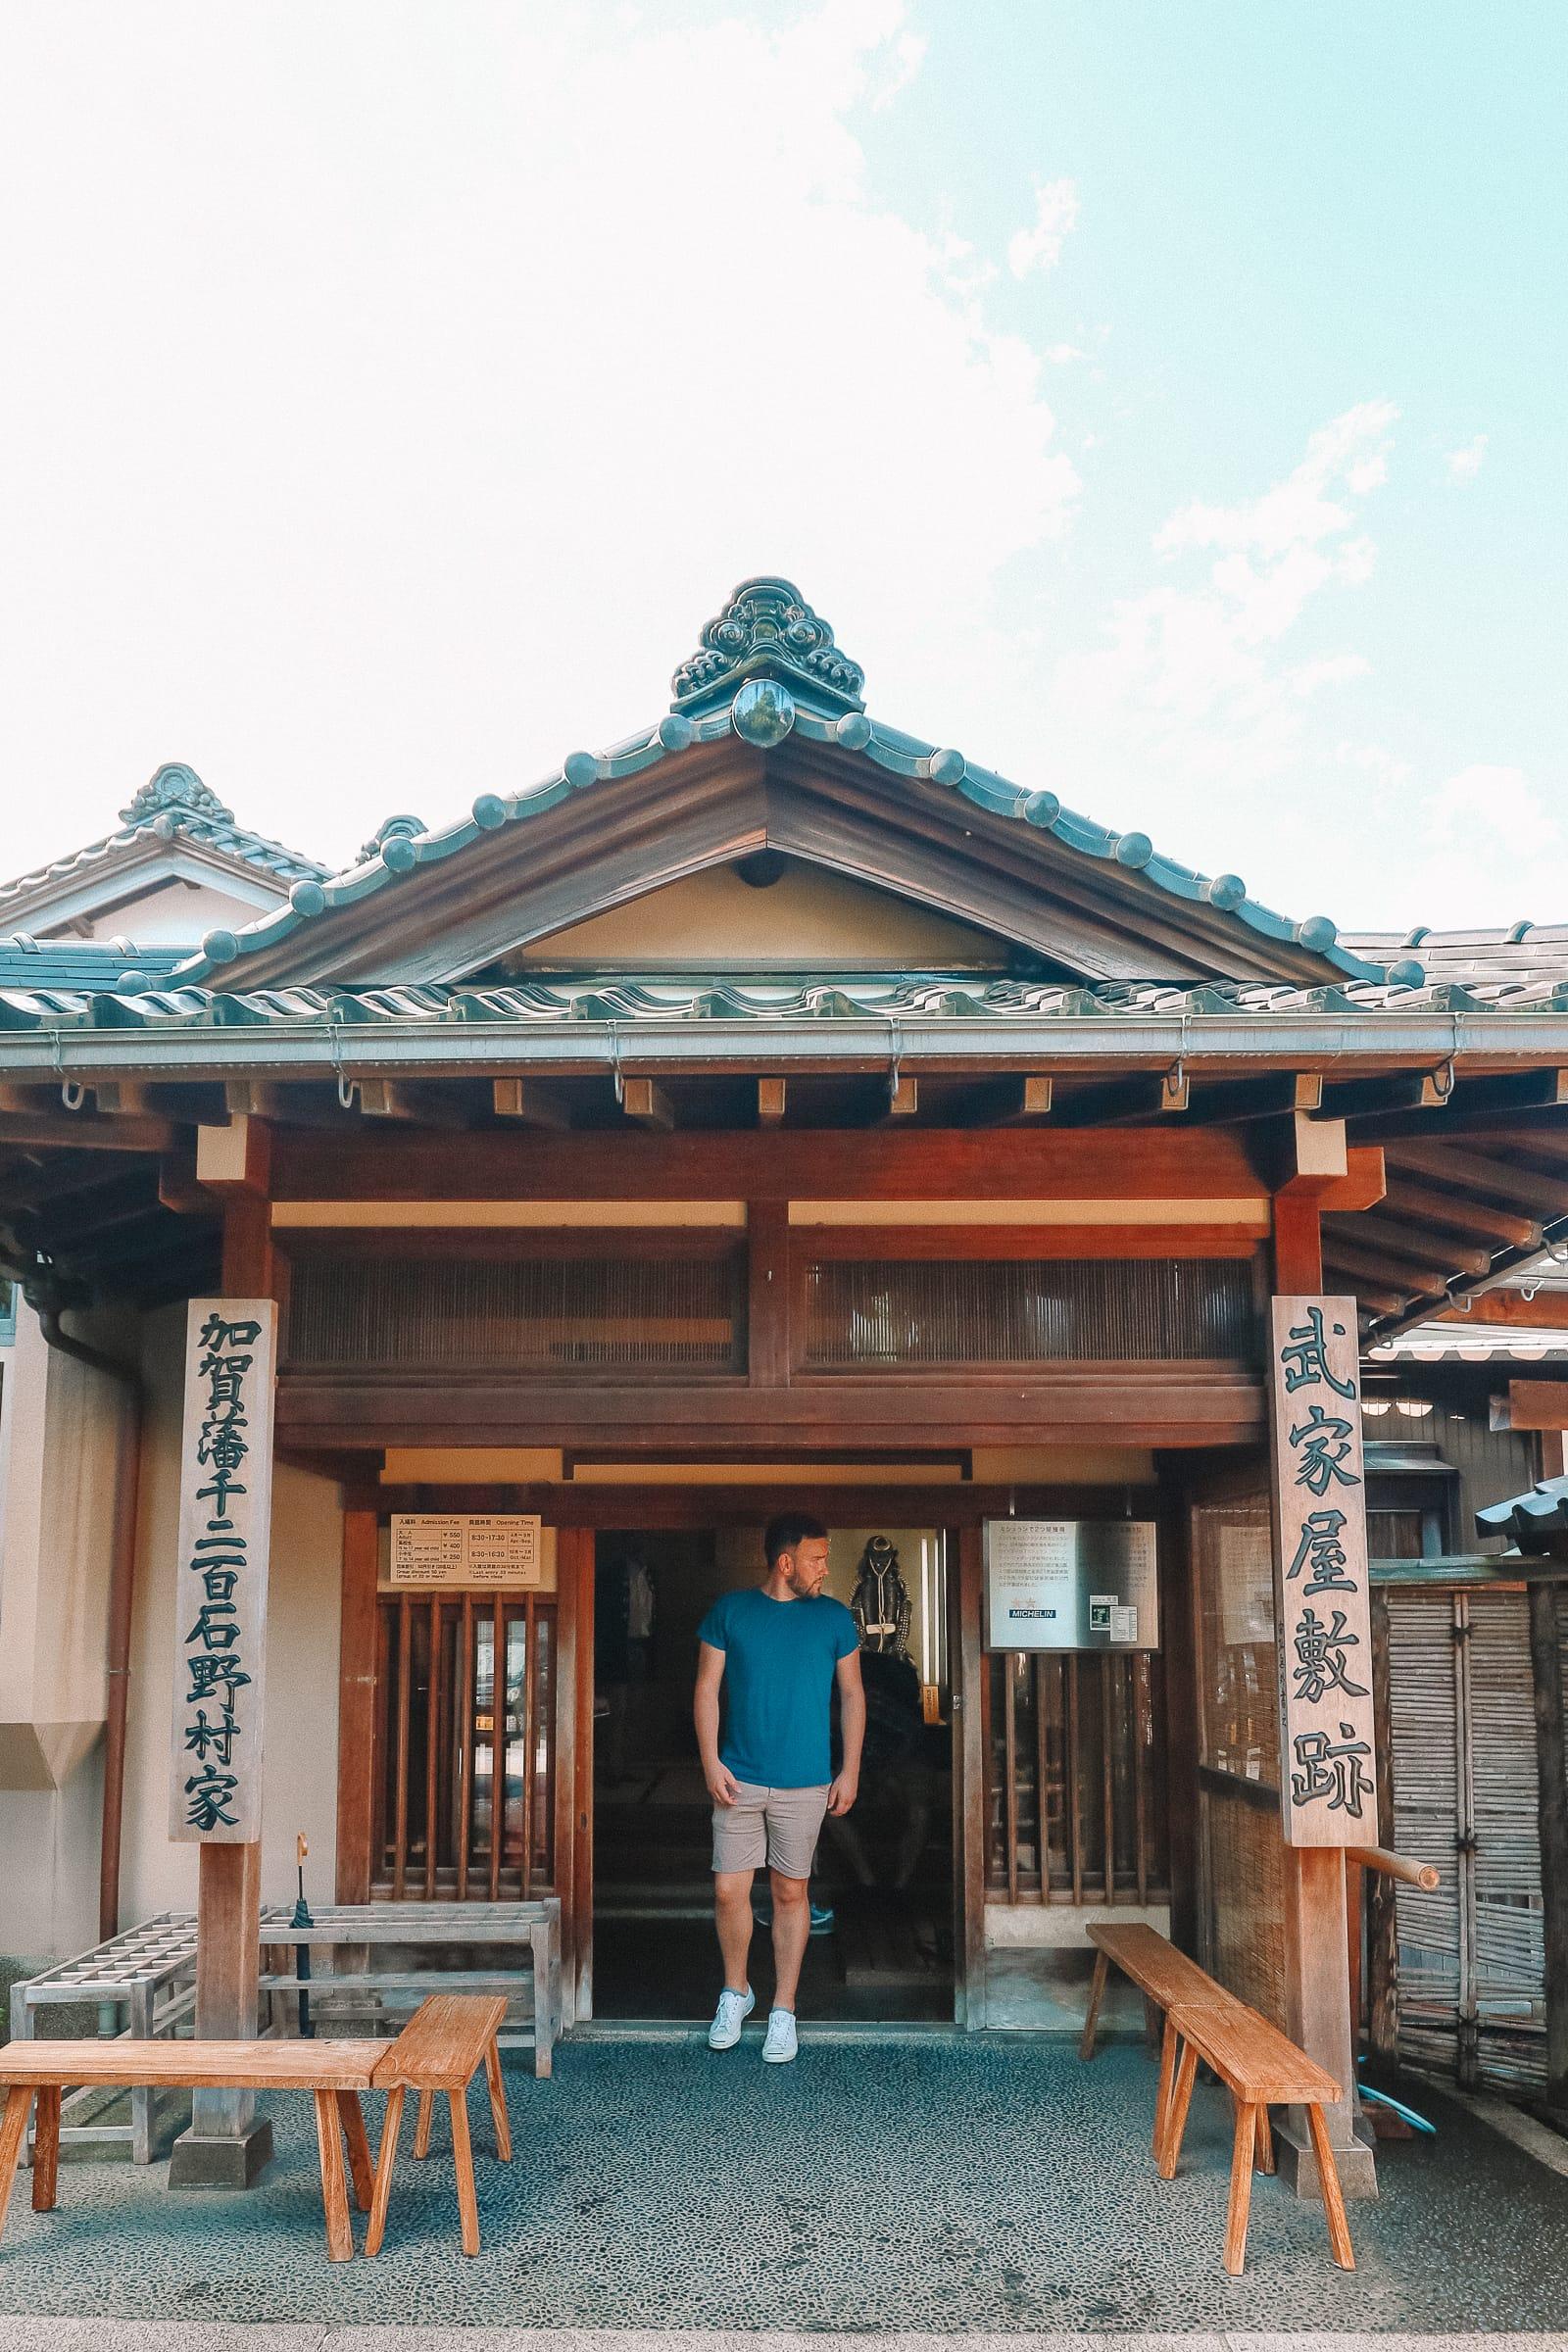 Finding The Samurai District Of Kanazawa and Hakusan City - Japan (59)